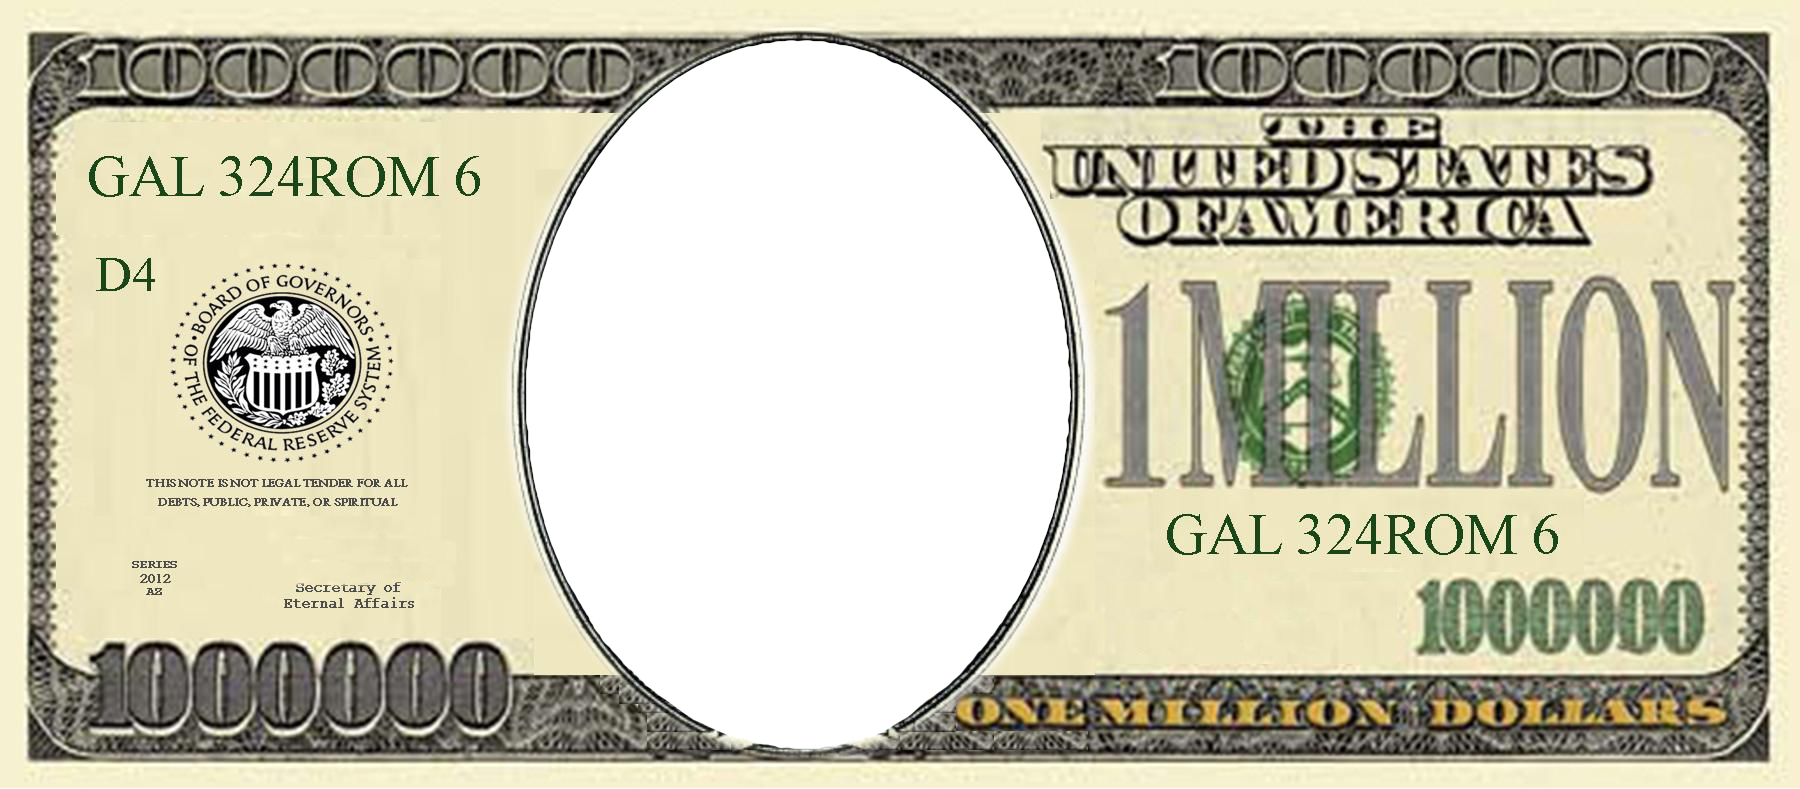 Fake Money PNG - 149987